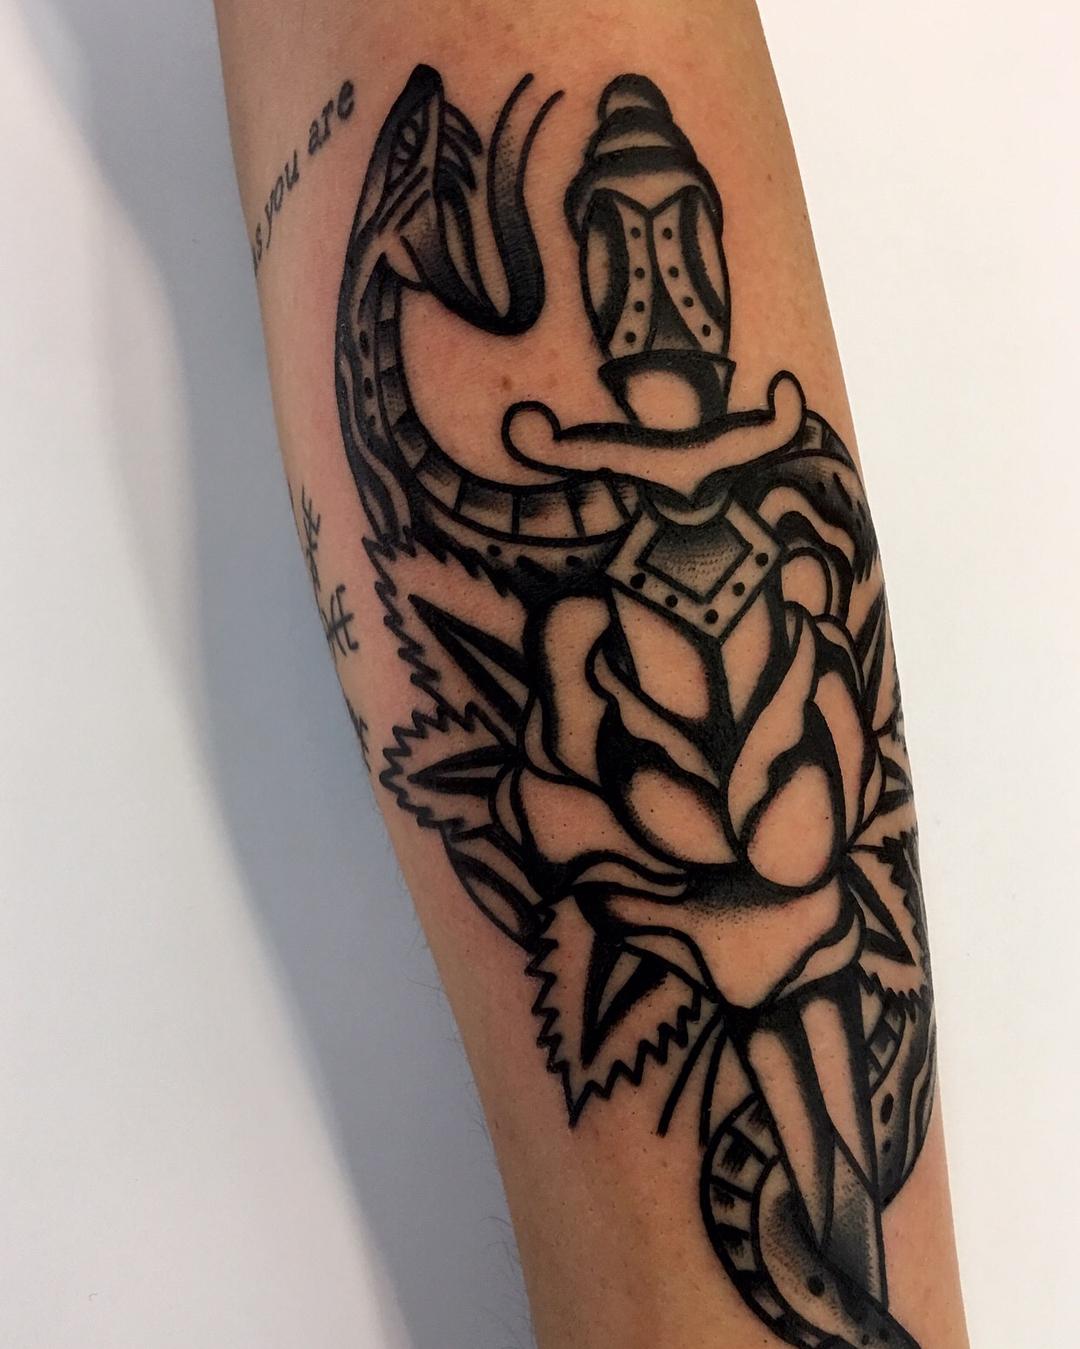 followforfollow,followme,follow,ciudadreal,tattoos,ciudadrealtattoo,tattooshop,tattooers,besttattooers,juantabasco,ciudadrealsetatua,ink,inkmaster,tatuajes,realismo,realistictattoo,ciudadrealtattoo,americanatattoos,traditionaltattoos,oldwork,madonna,oldlines,eeuu,inked,inkedlife,inkedsociety,art,amazingink,tattooart,oldlines,oldschooltattoo,topclasstattooing